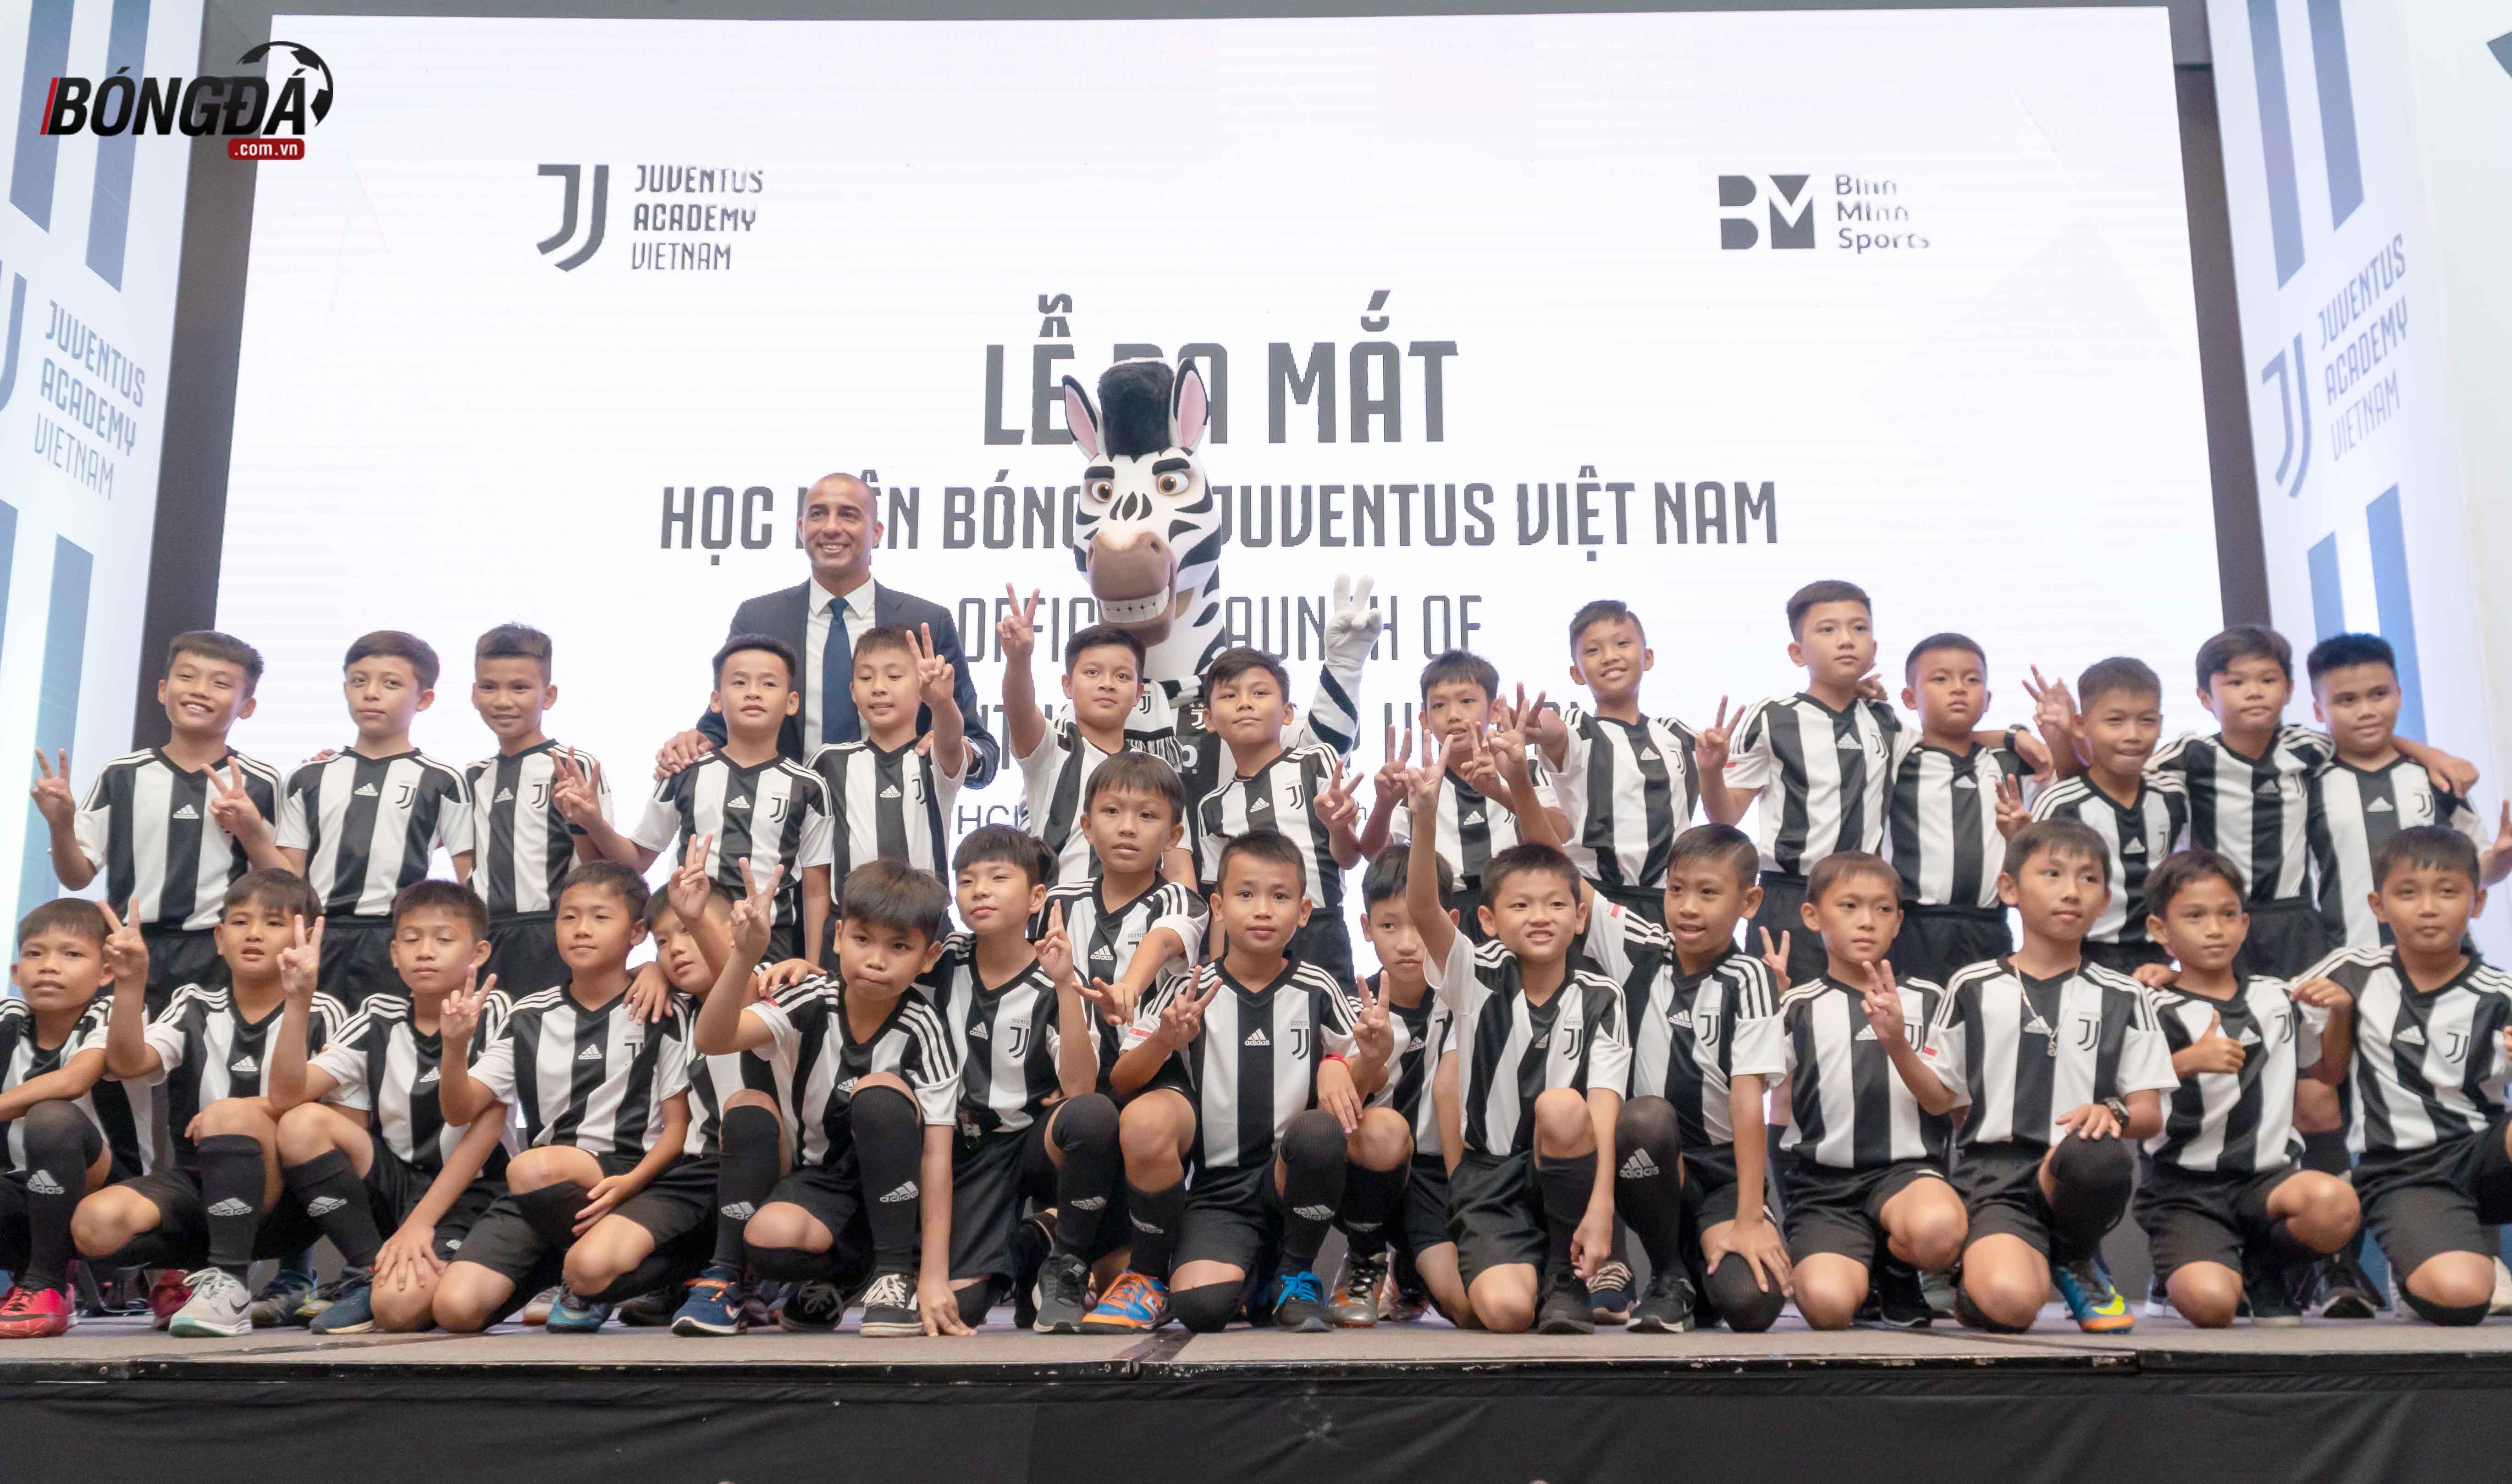 Ronaldo gửi lời nhắn đặc biệt đến học viện Juvetus tại Việt Nam - Bóng Đá